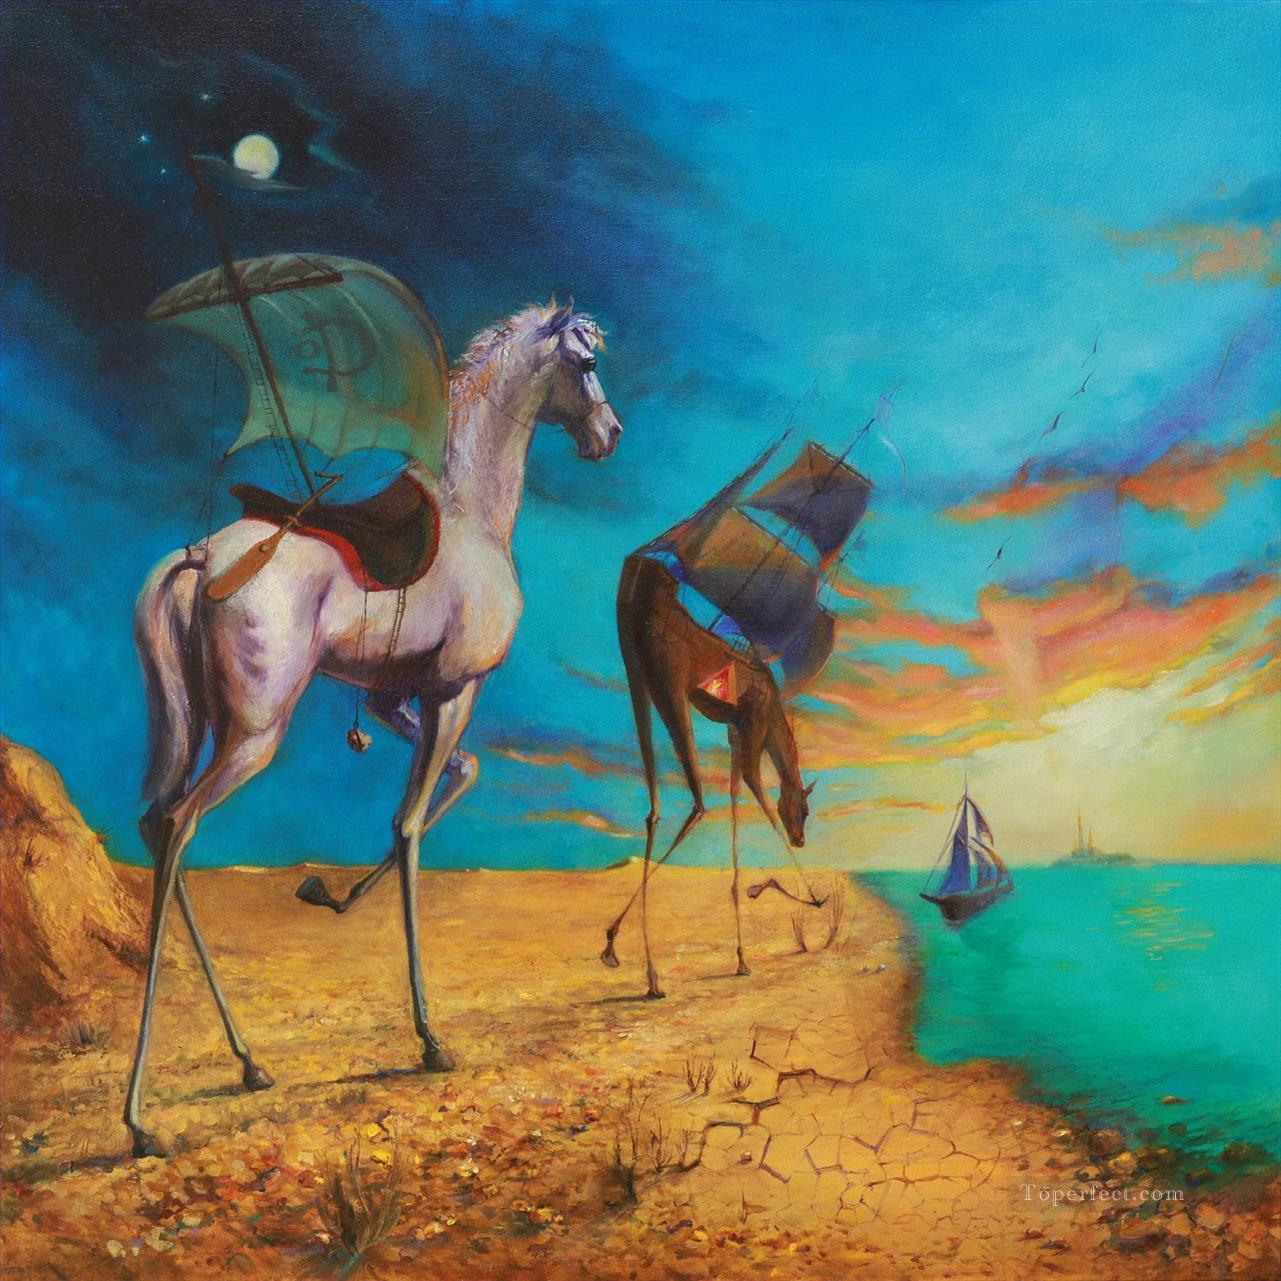 Landschaftsmalerei surrealismus  Surrealismus pferd to sea Fantasie Gemälde mit öl zu verkaufen